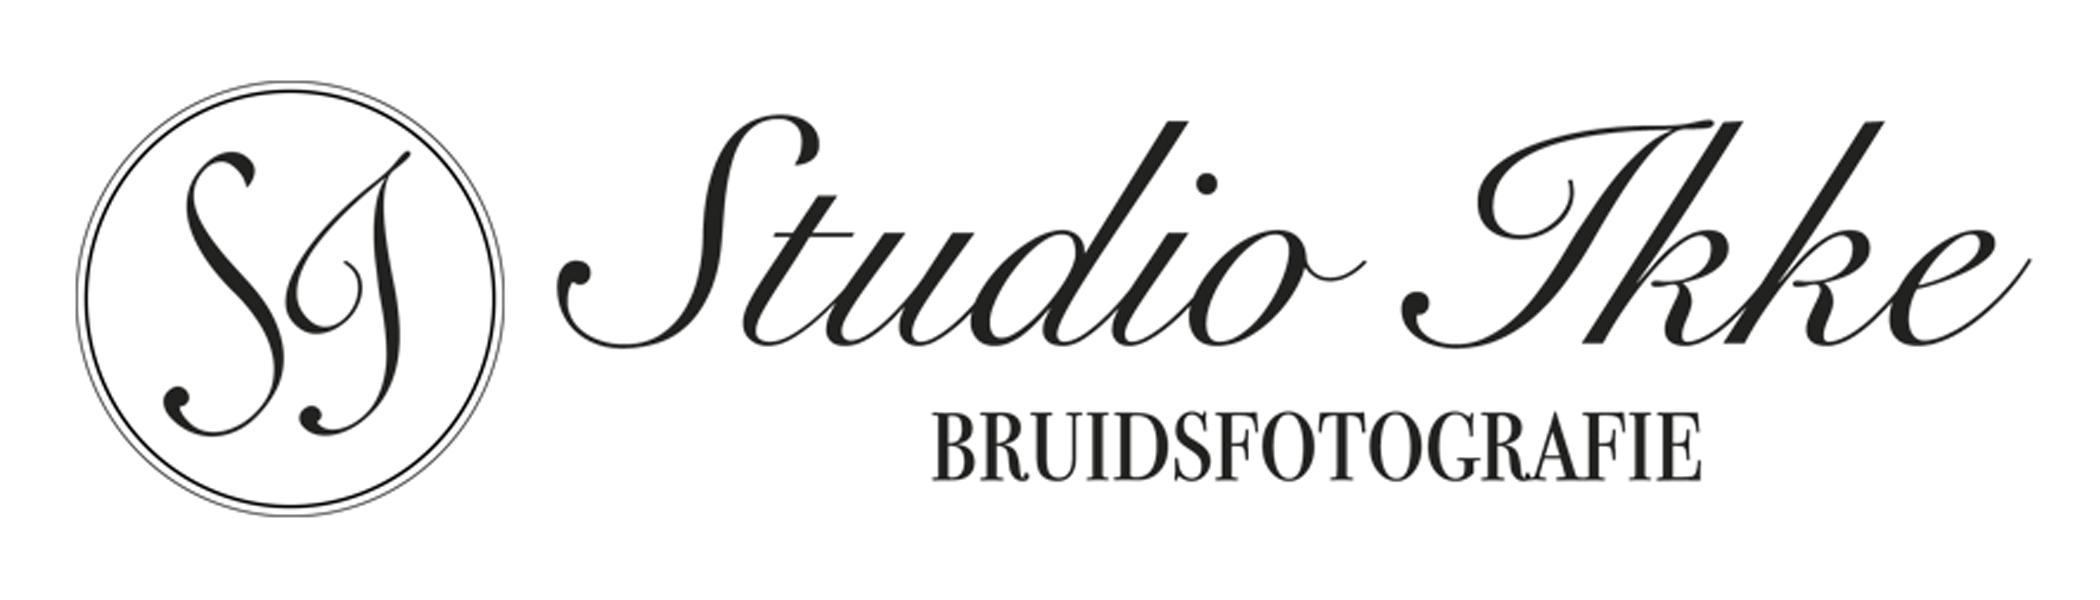 Studio Ikke